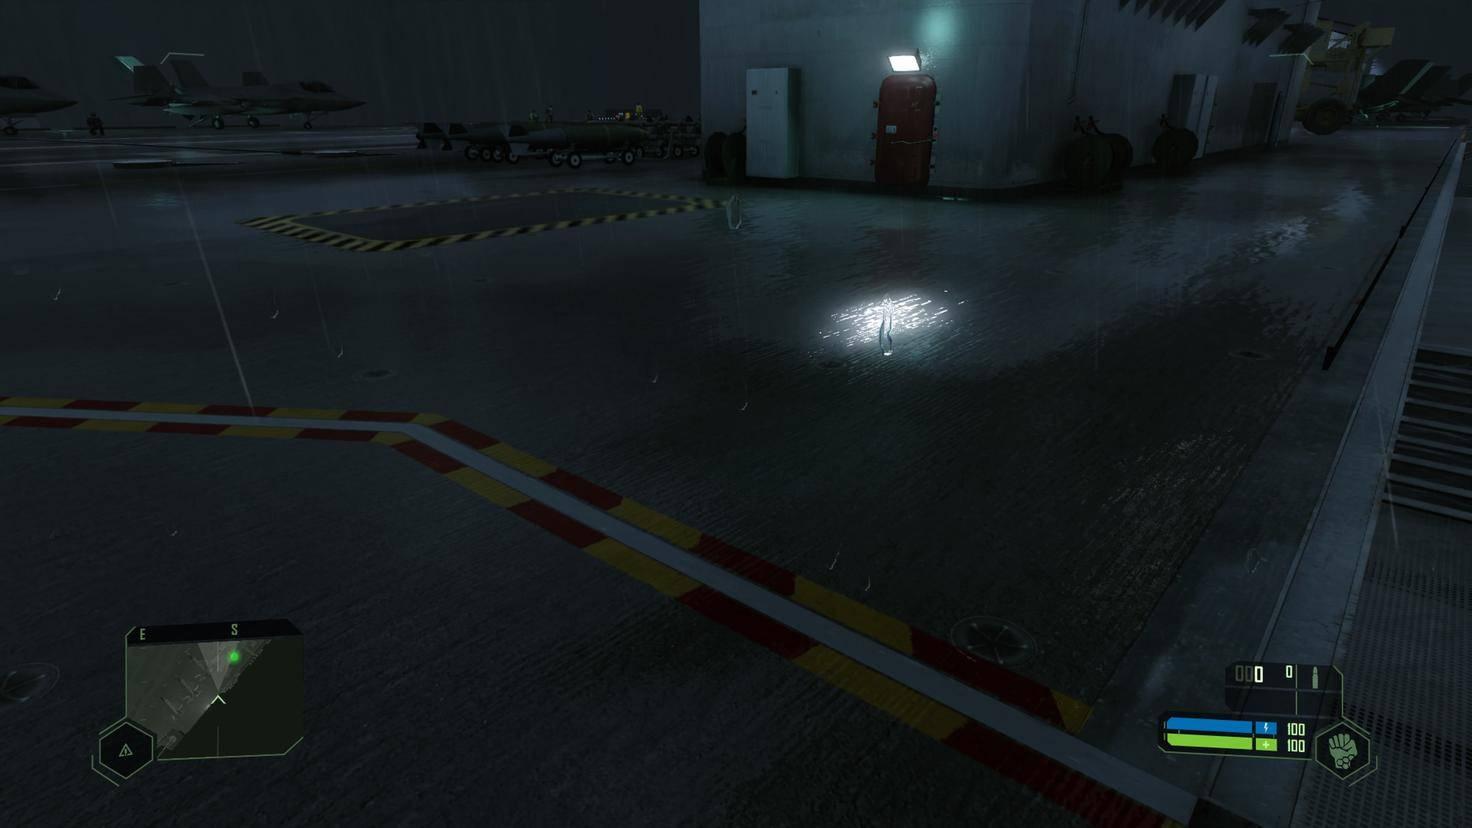 Wird diese Lampe mit Raytracing oder Screen Space Reflections auf dem Metallboden gespiegelt?